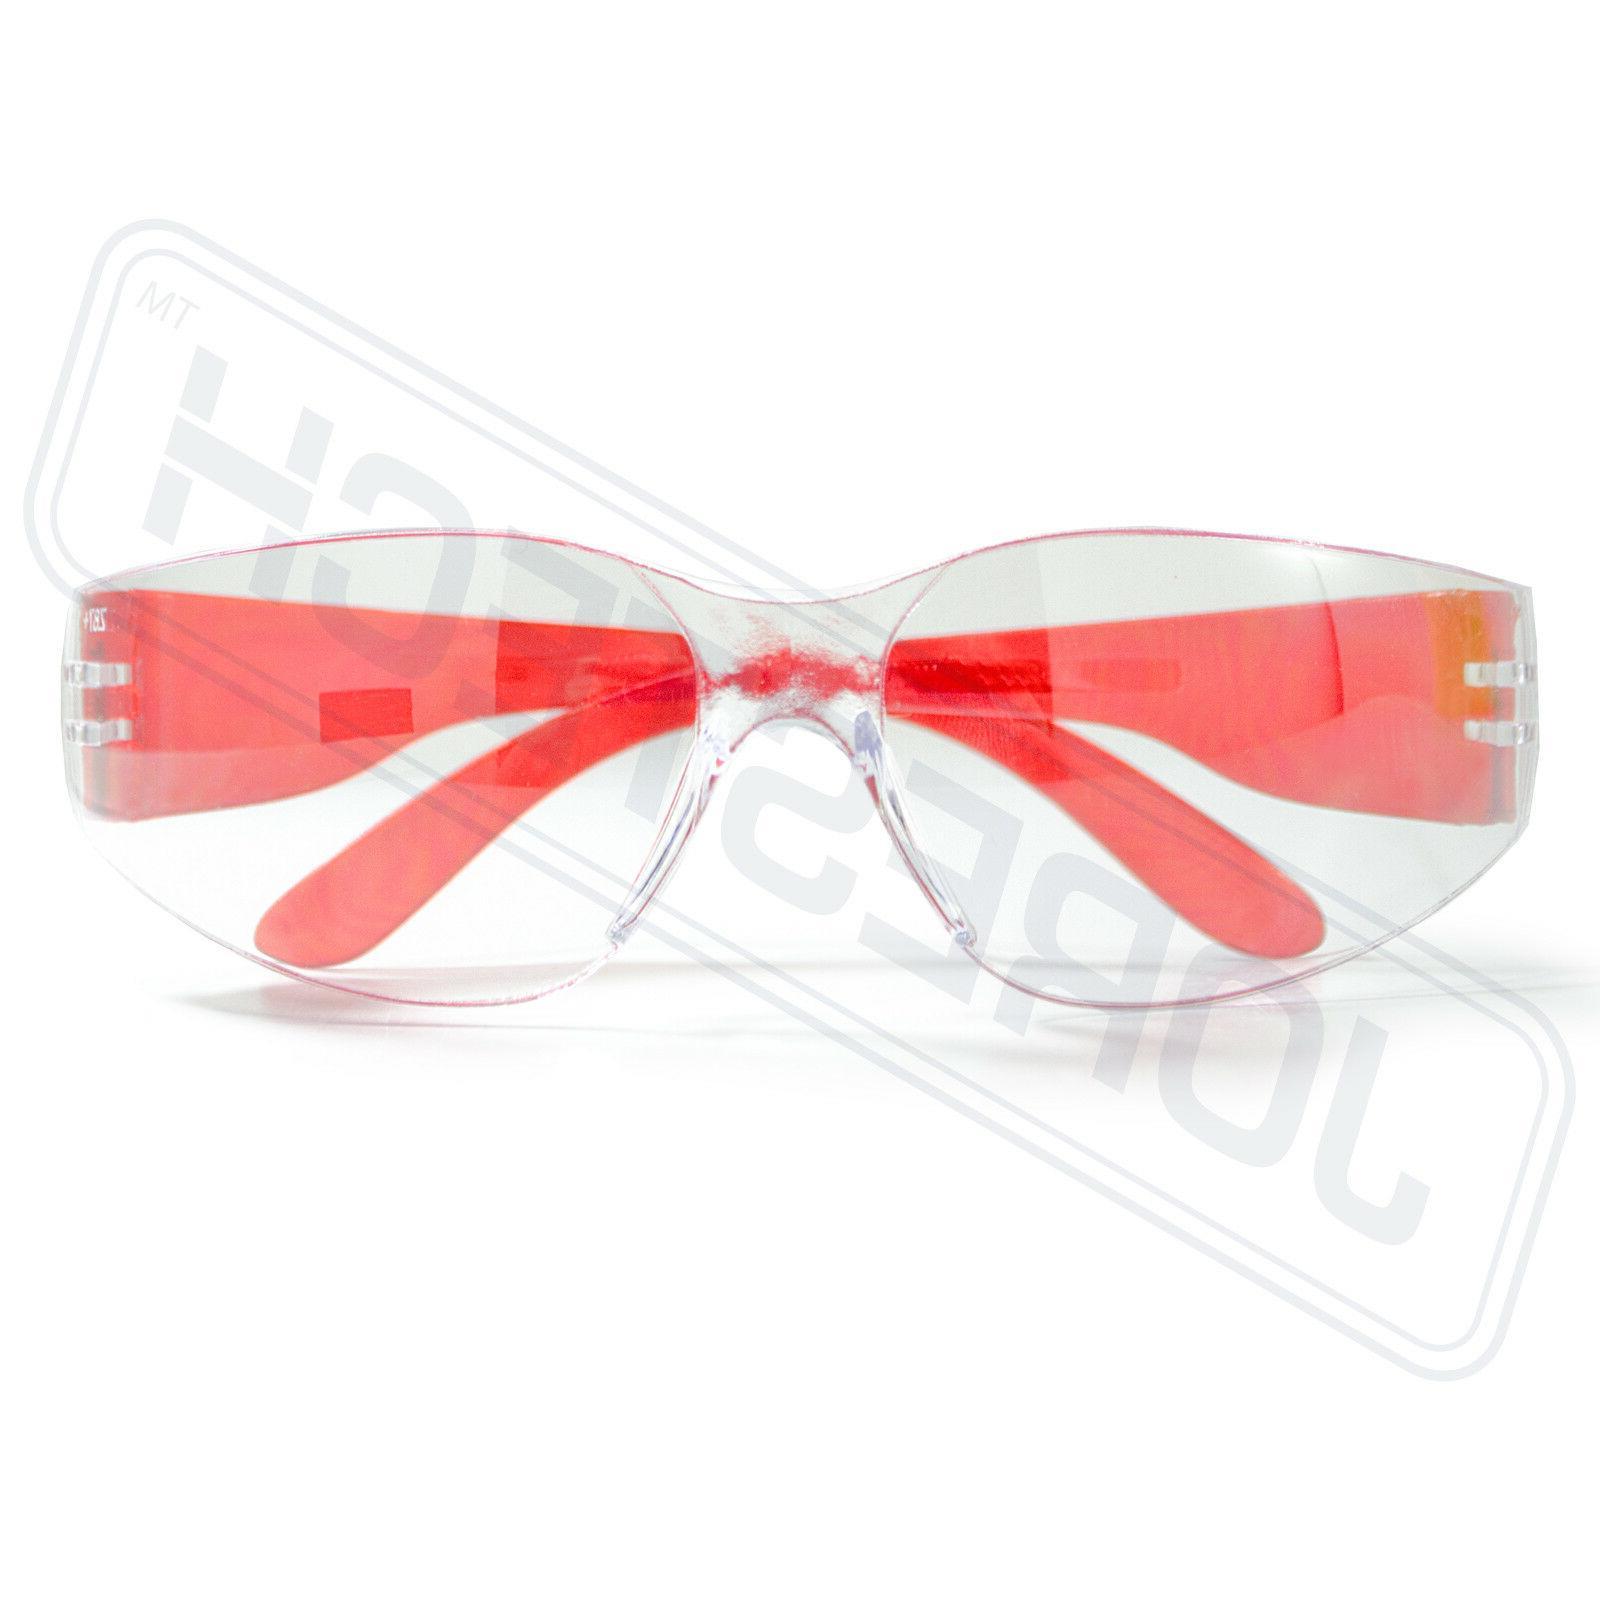 JORESTECH clear Sunglasses Z87+